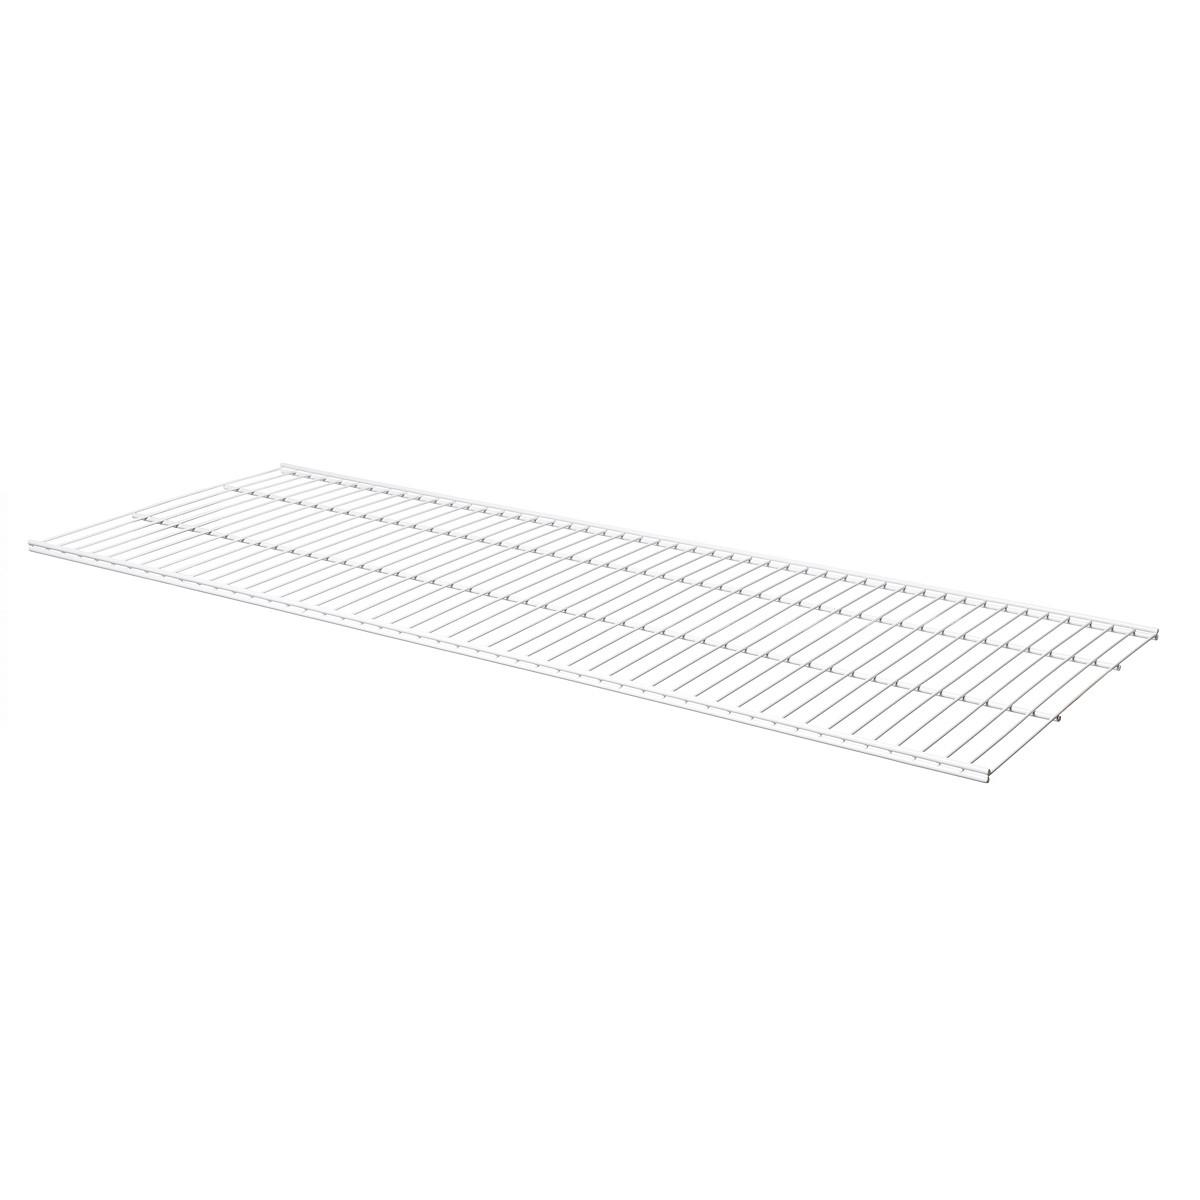 Полка для гардеробной системы Larvij белая 1203×406мм  L99124WH